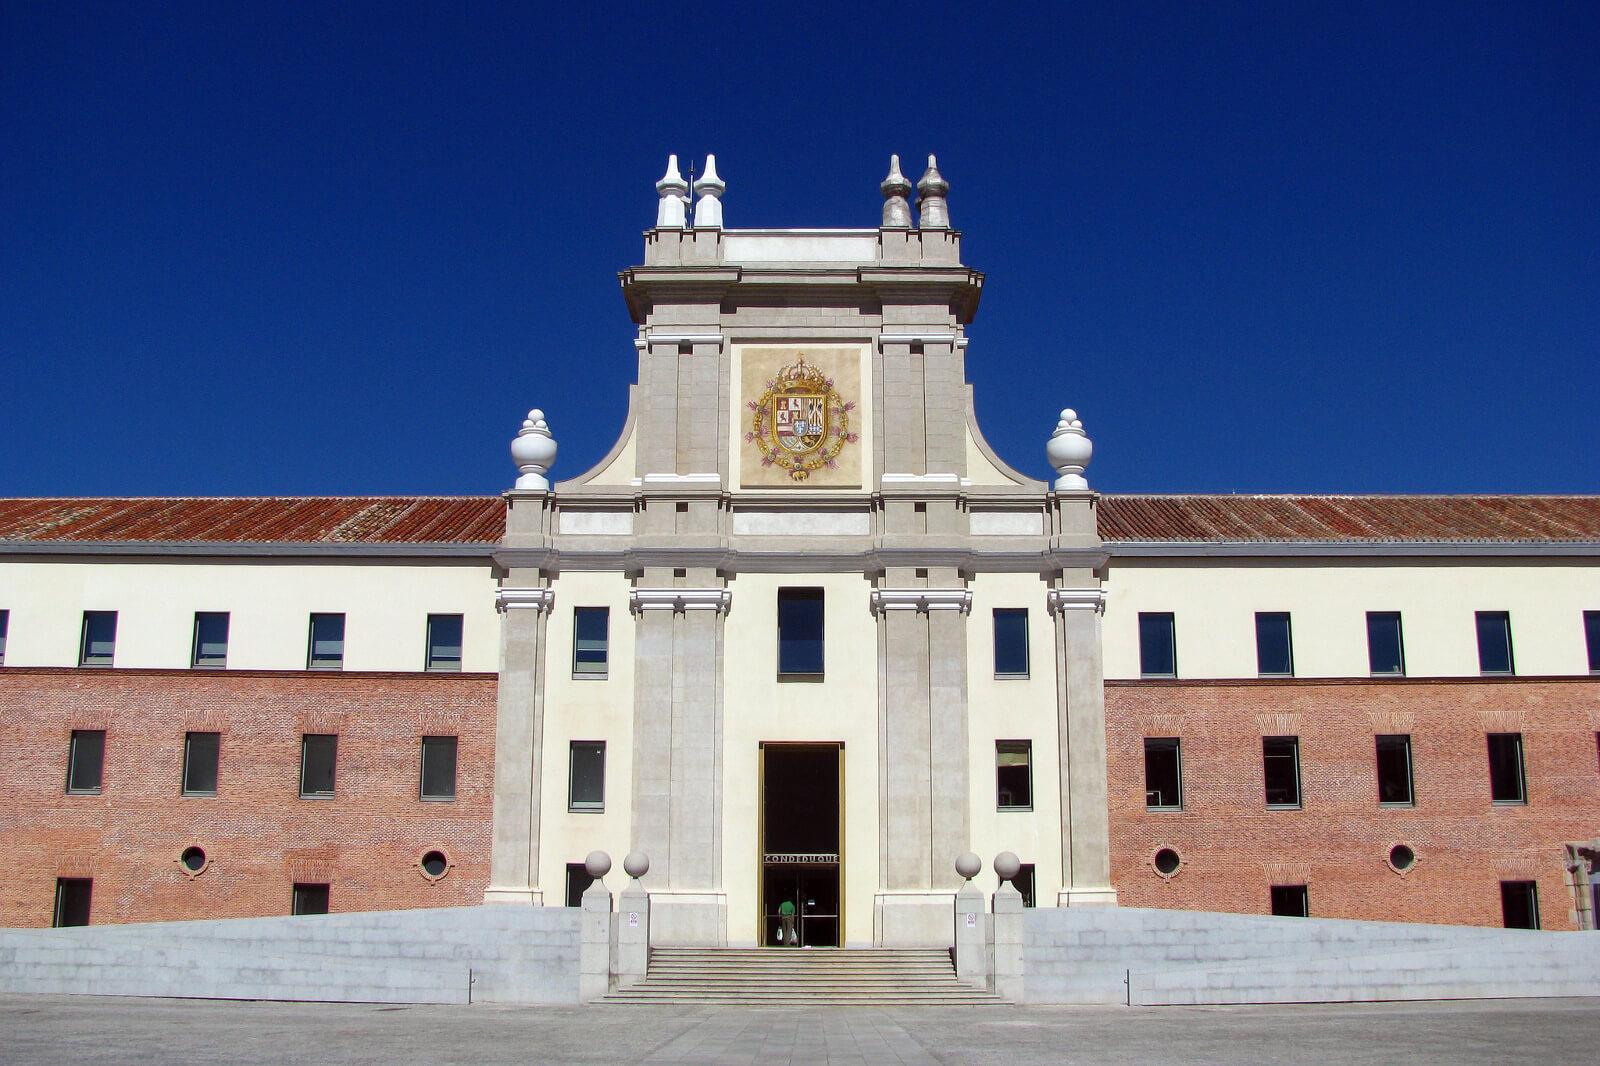 Visit at Cuartel Conde Duque